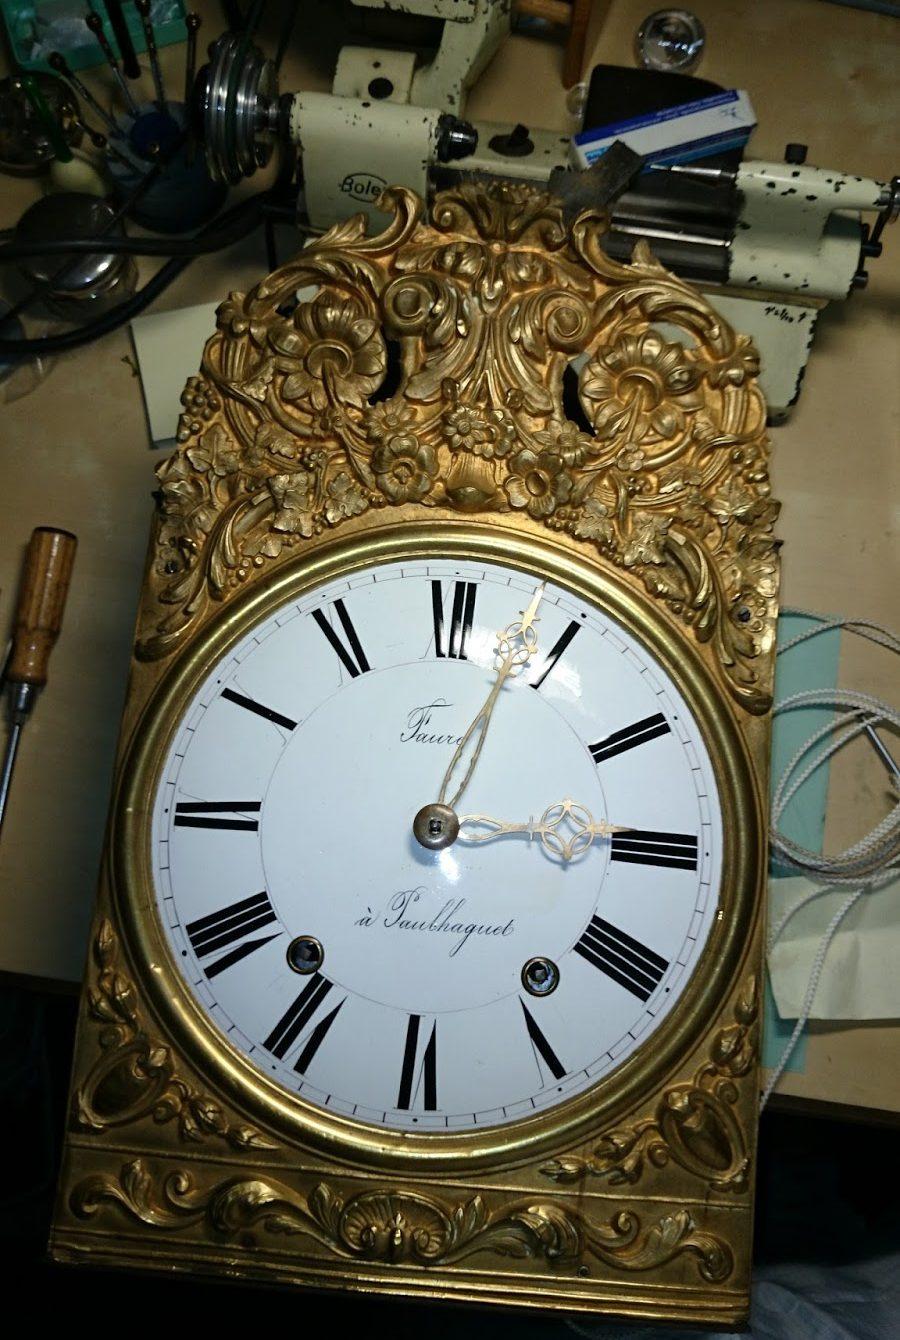 Bilde einer Comtoise Uhr auf der Uhrmacherwerkbank.